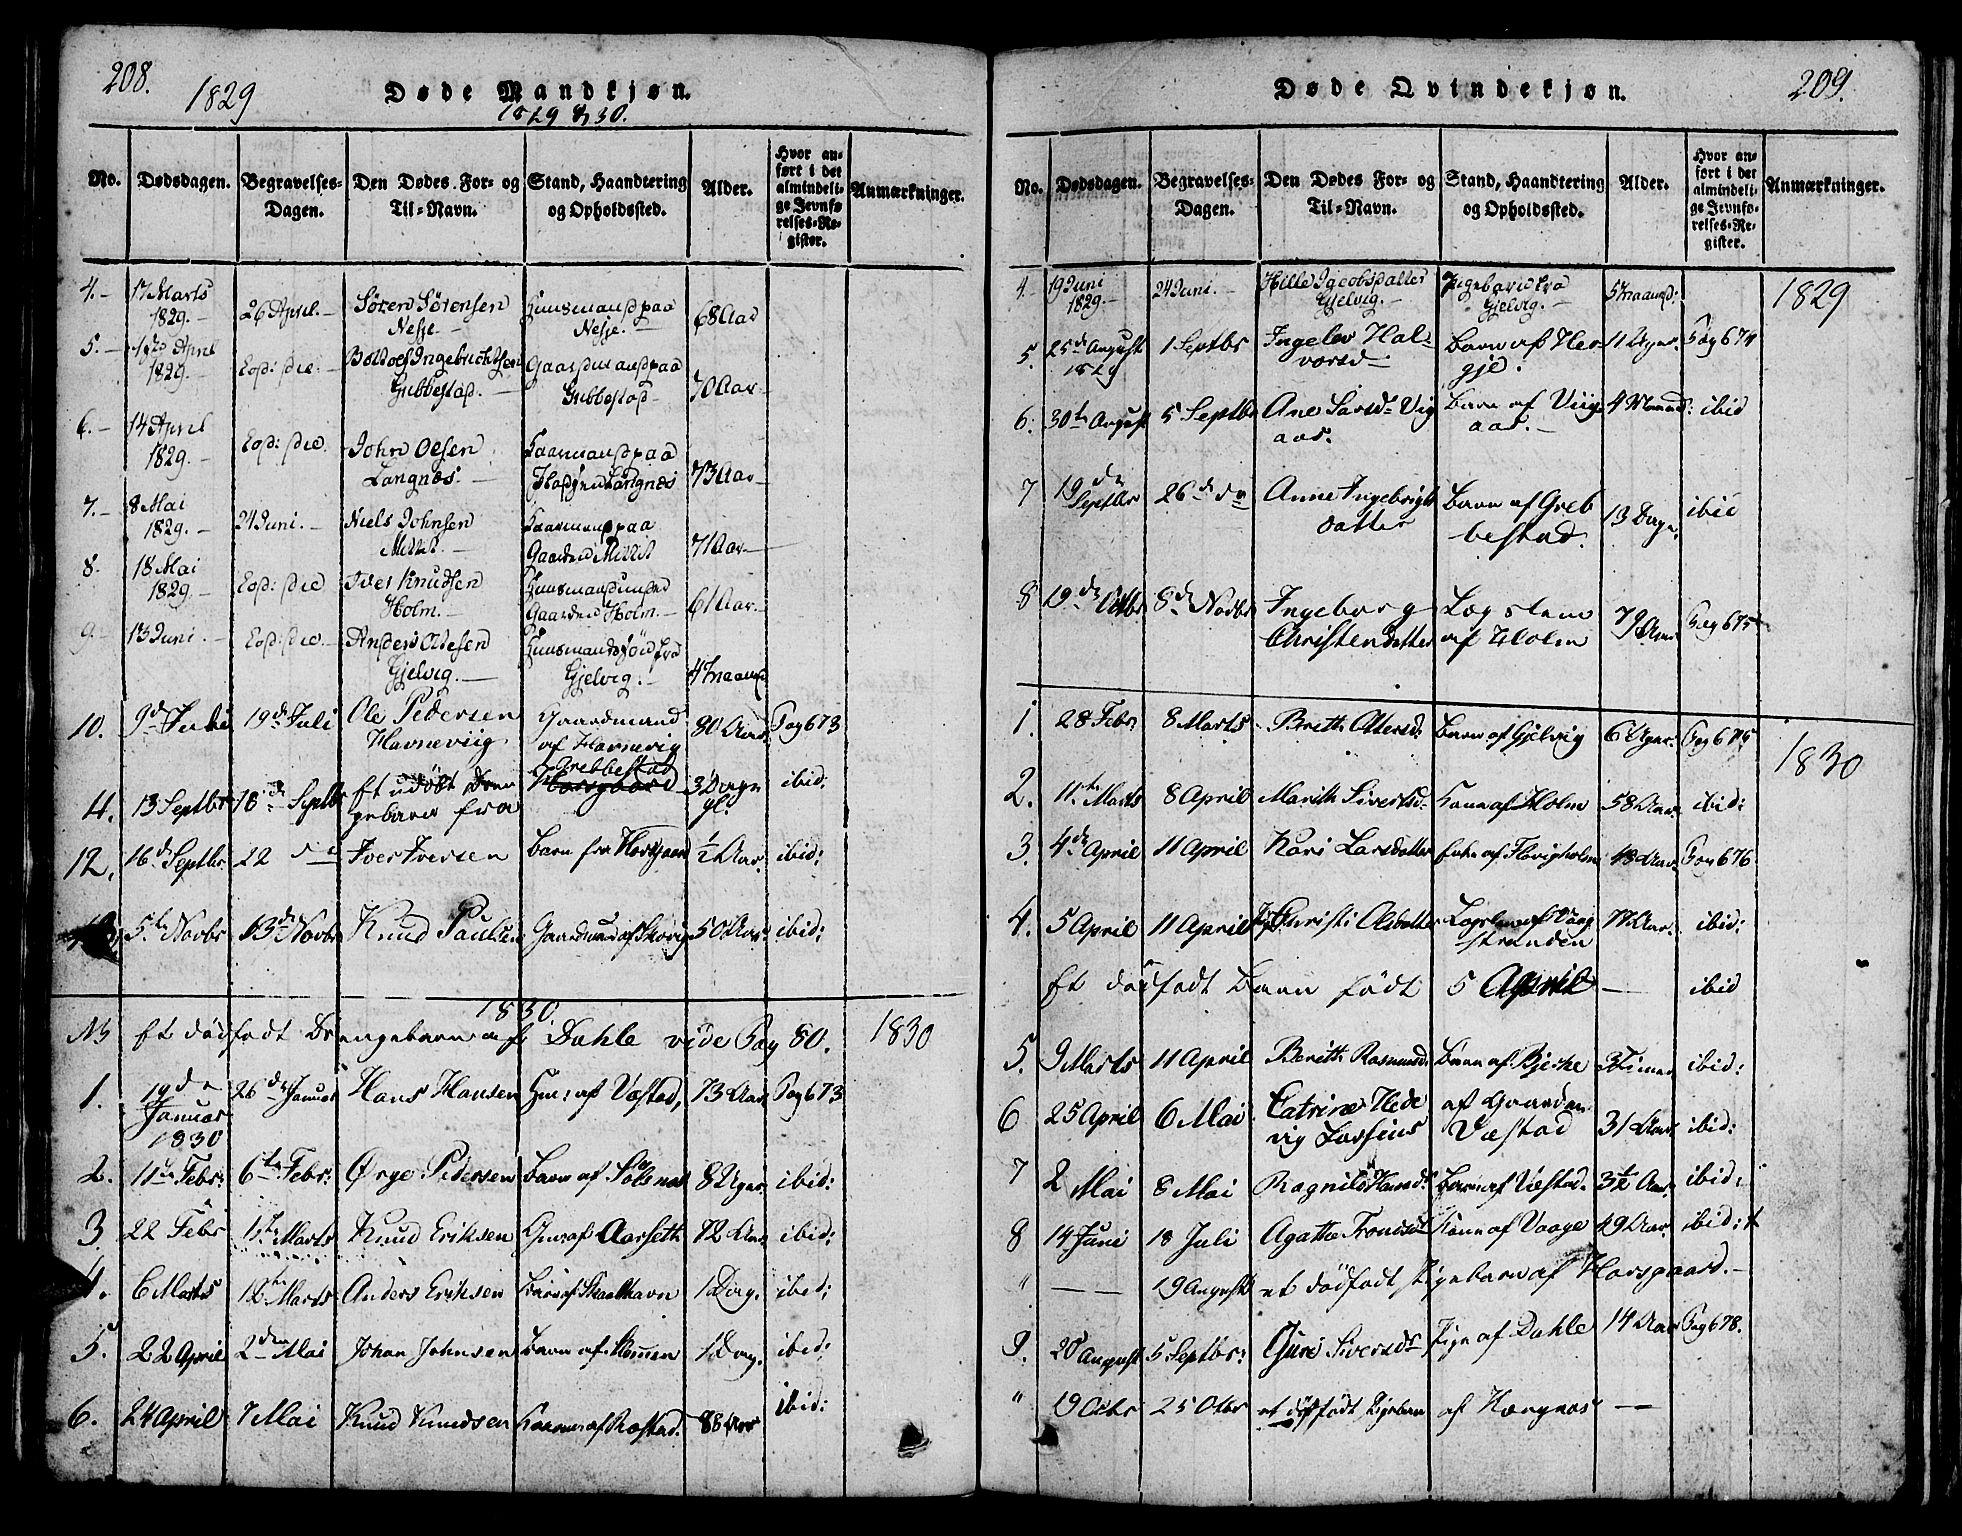 SAT, Ministerialprotokoller, klokkerbøker og fødselsregistre - Møre og Romsdal, 547/L0602: Ministerialbok nr. 547A04, 1818-1845, s. 208-209